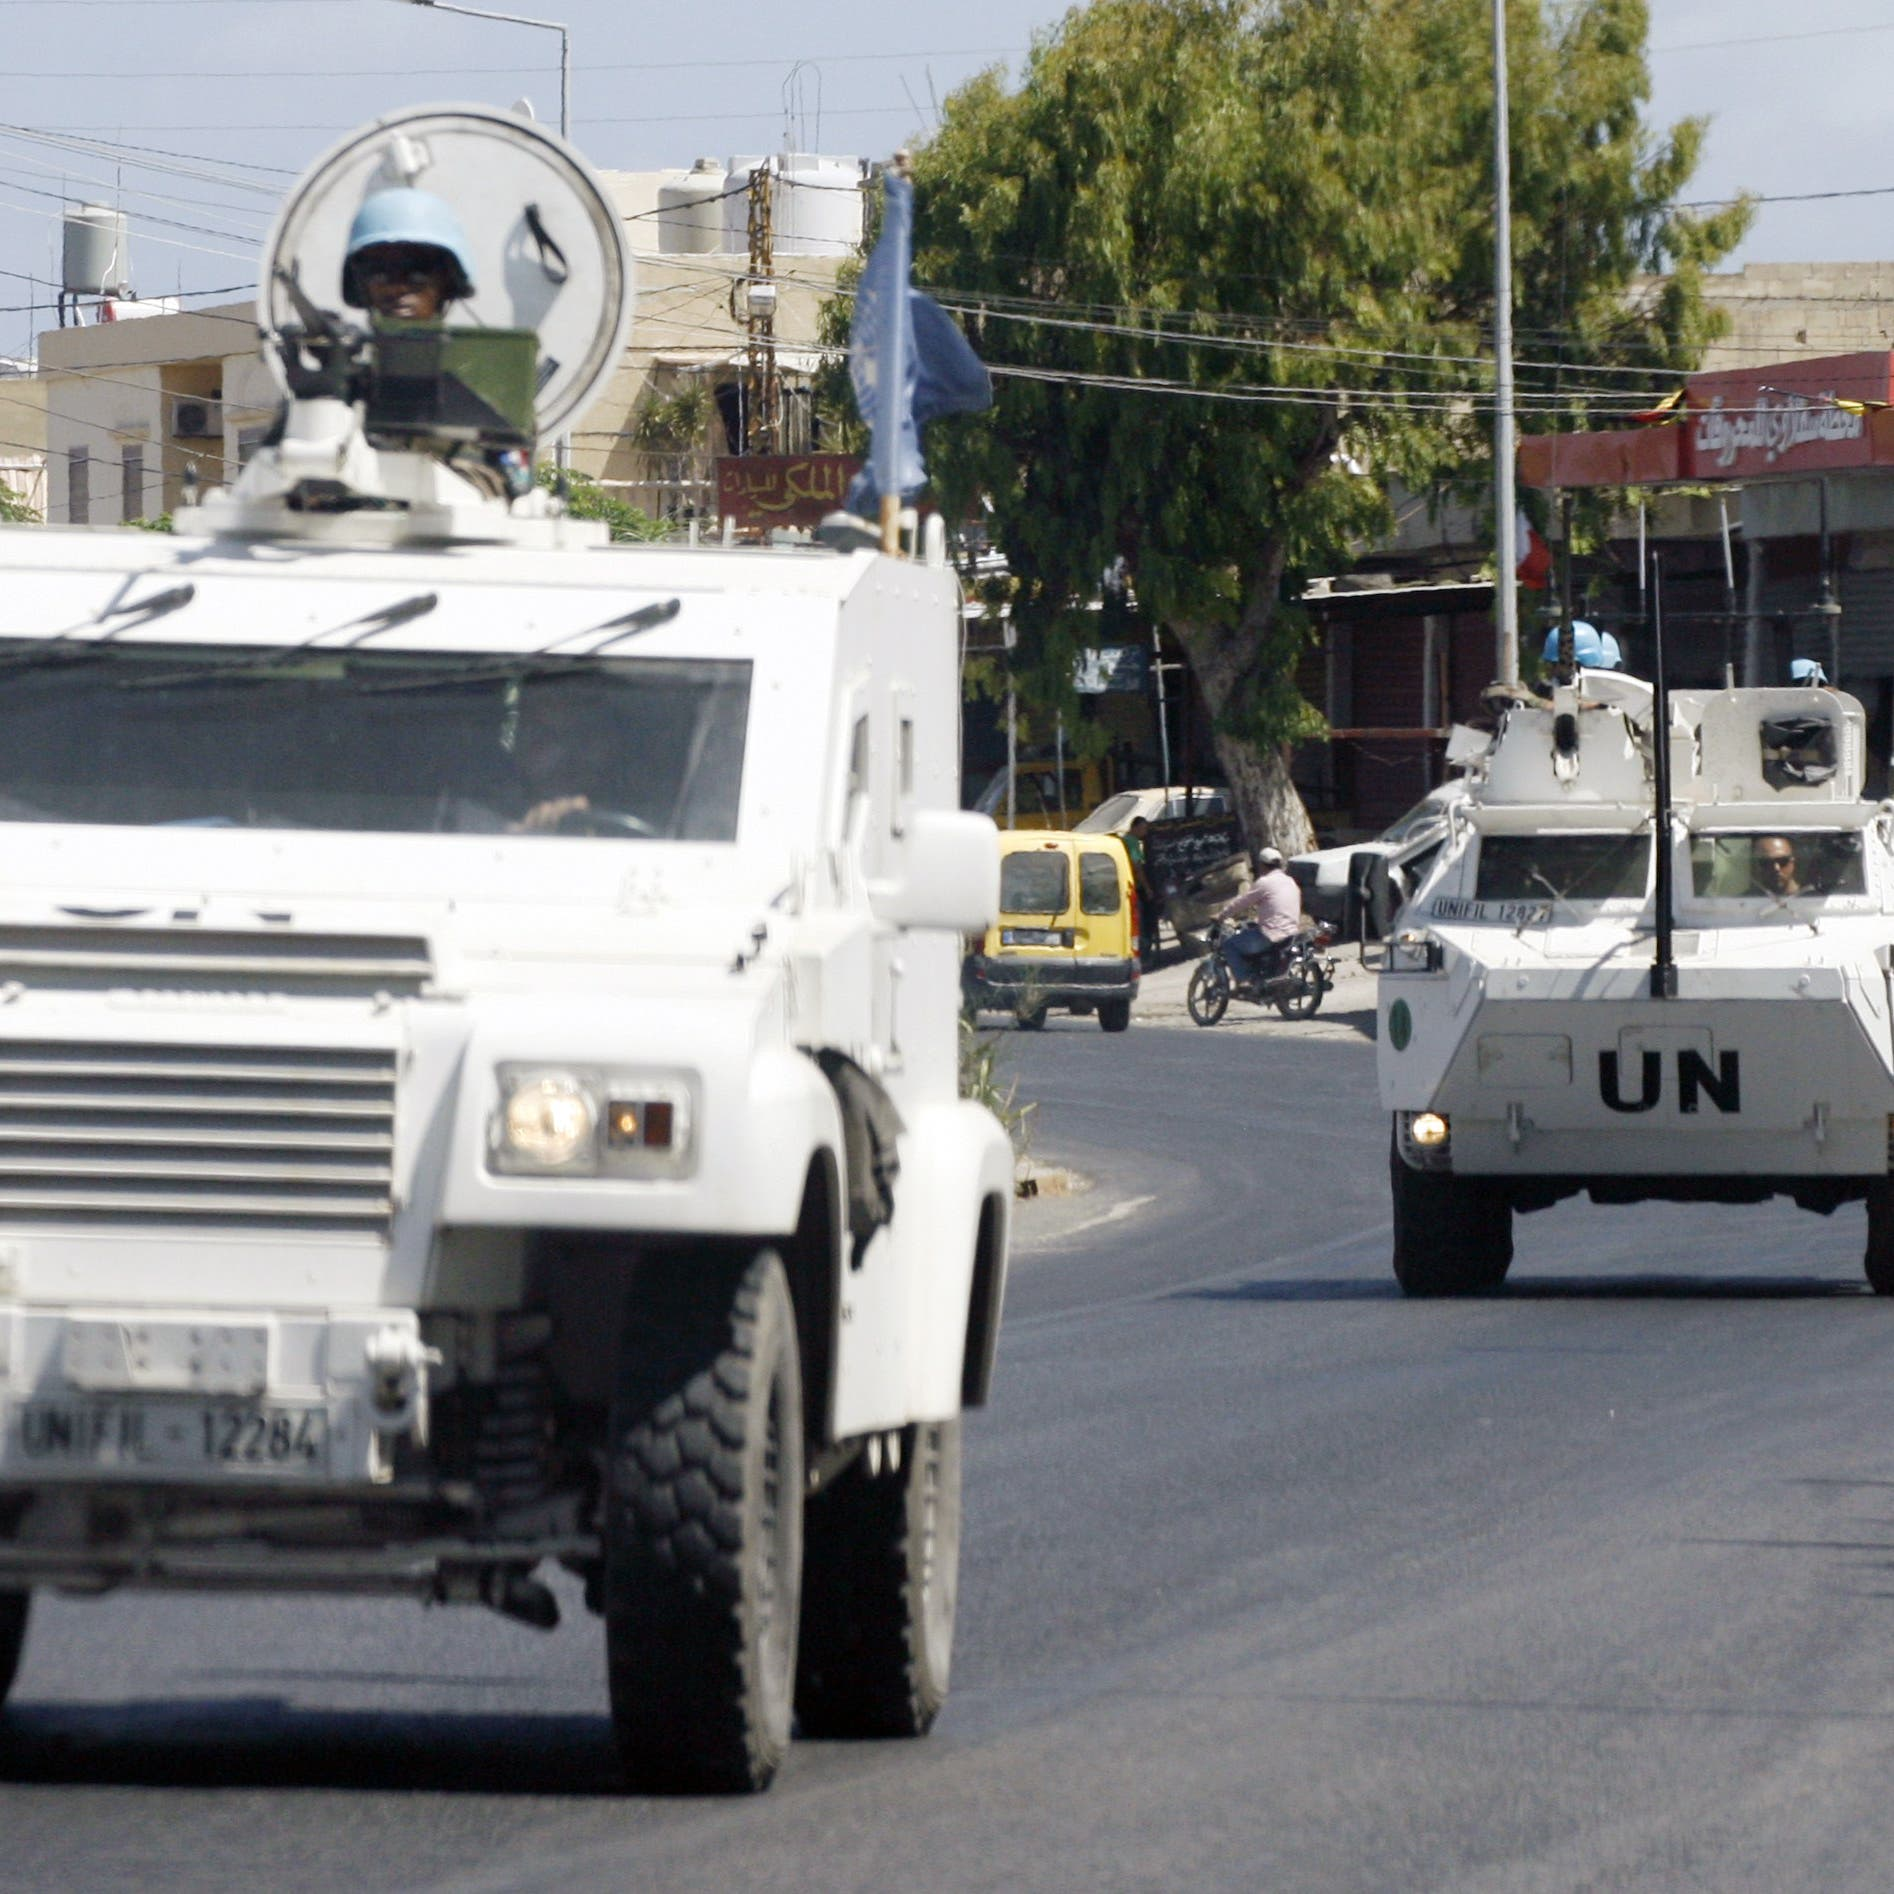 واشنطن: اليونيفيل ستتمكن من تقليص ترسانة حزب الله بلبنان